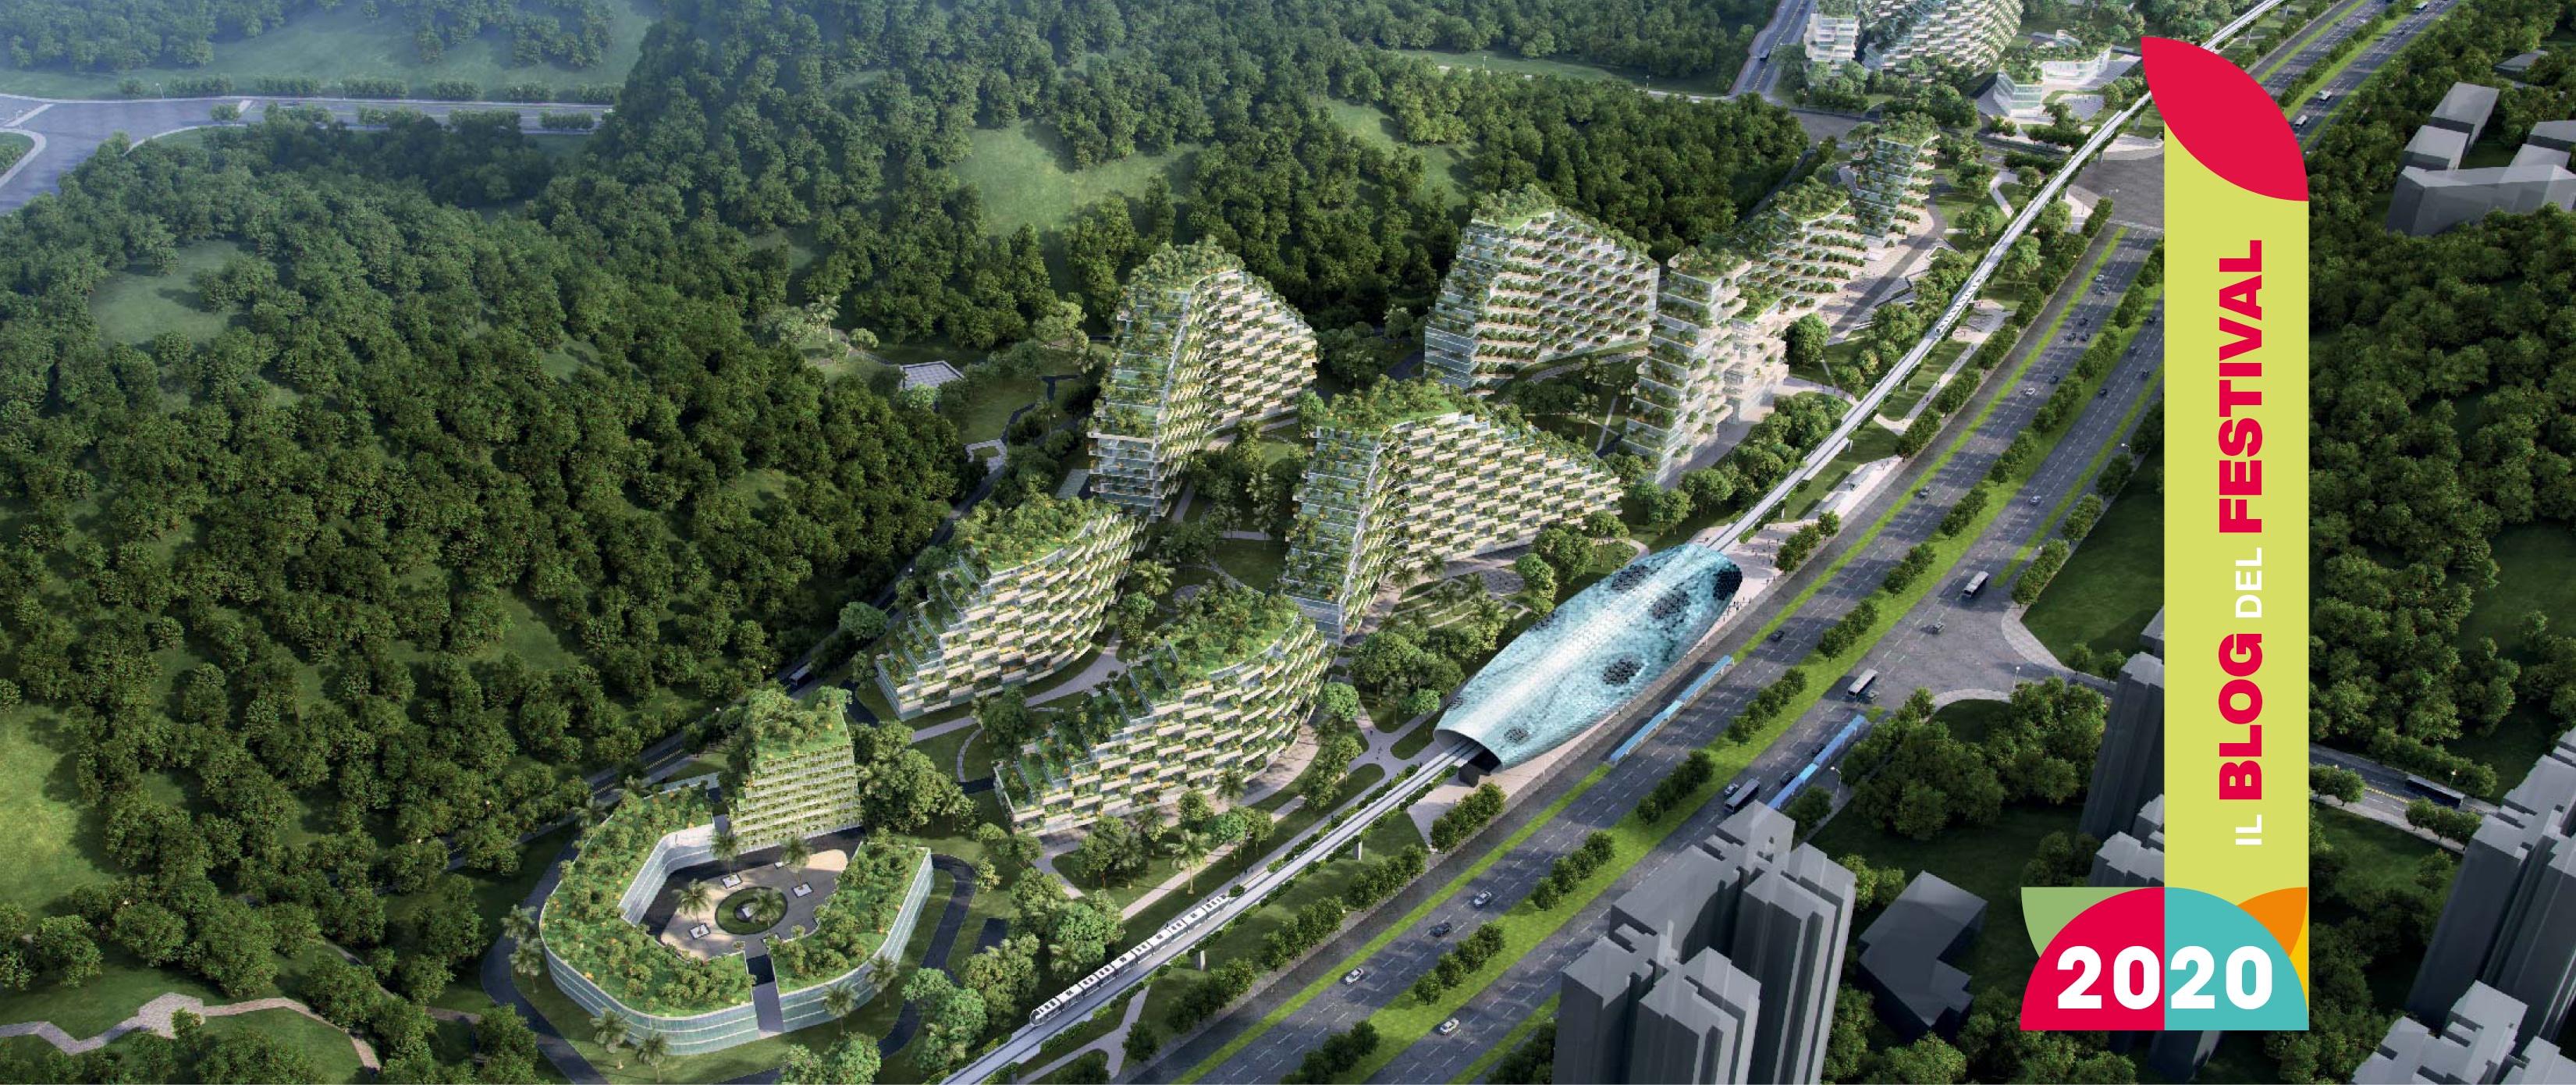 Ambiente, salute e società sostenibili: alla scoperta delle connessioni